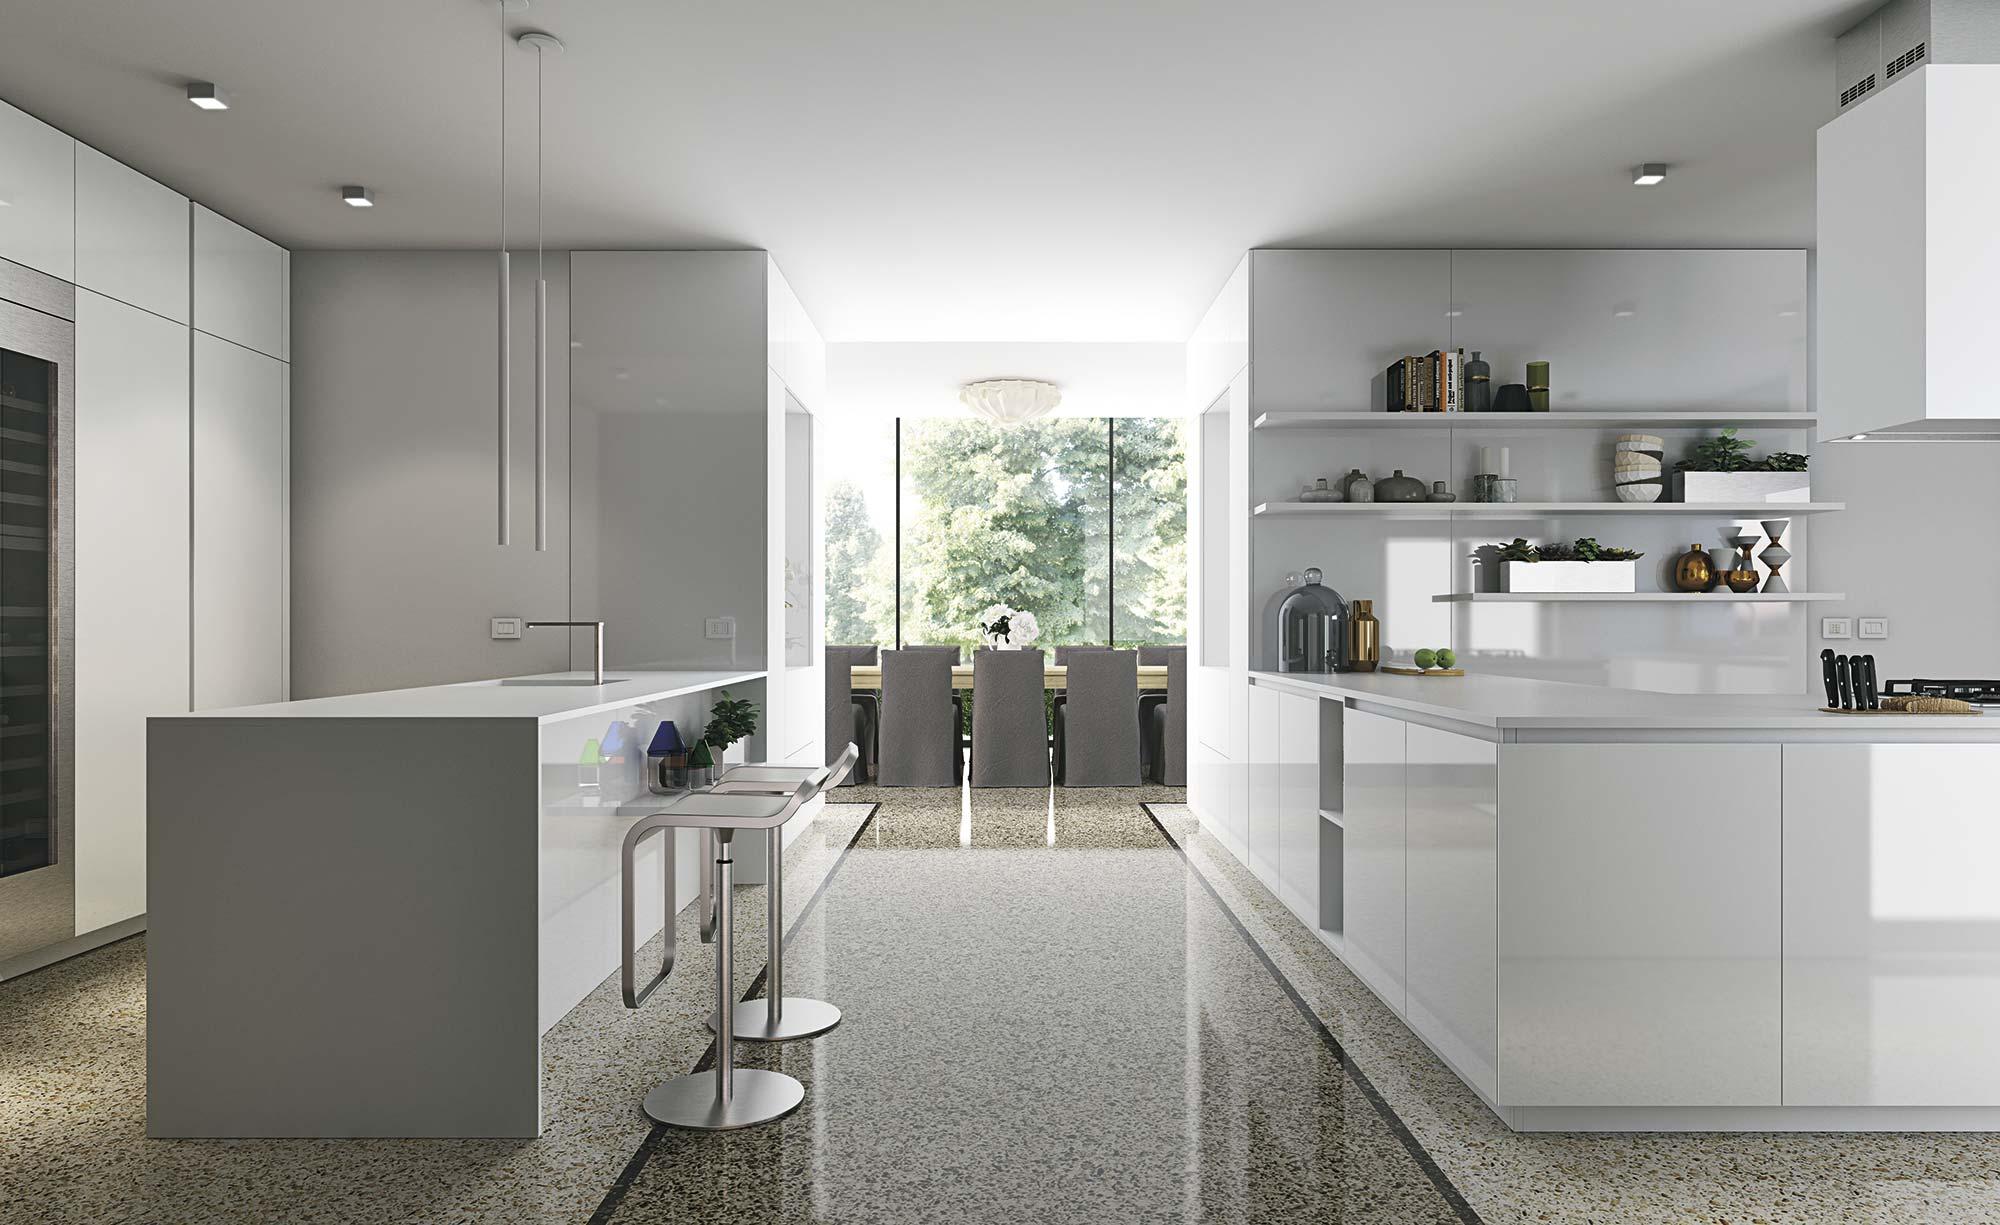 Lujosa cocina a medida en color blanco